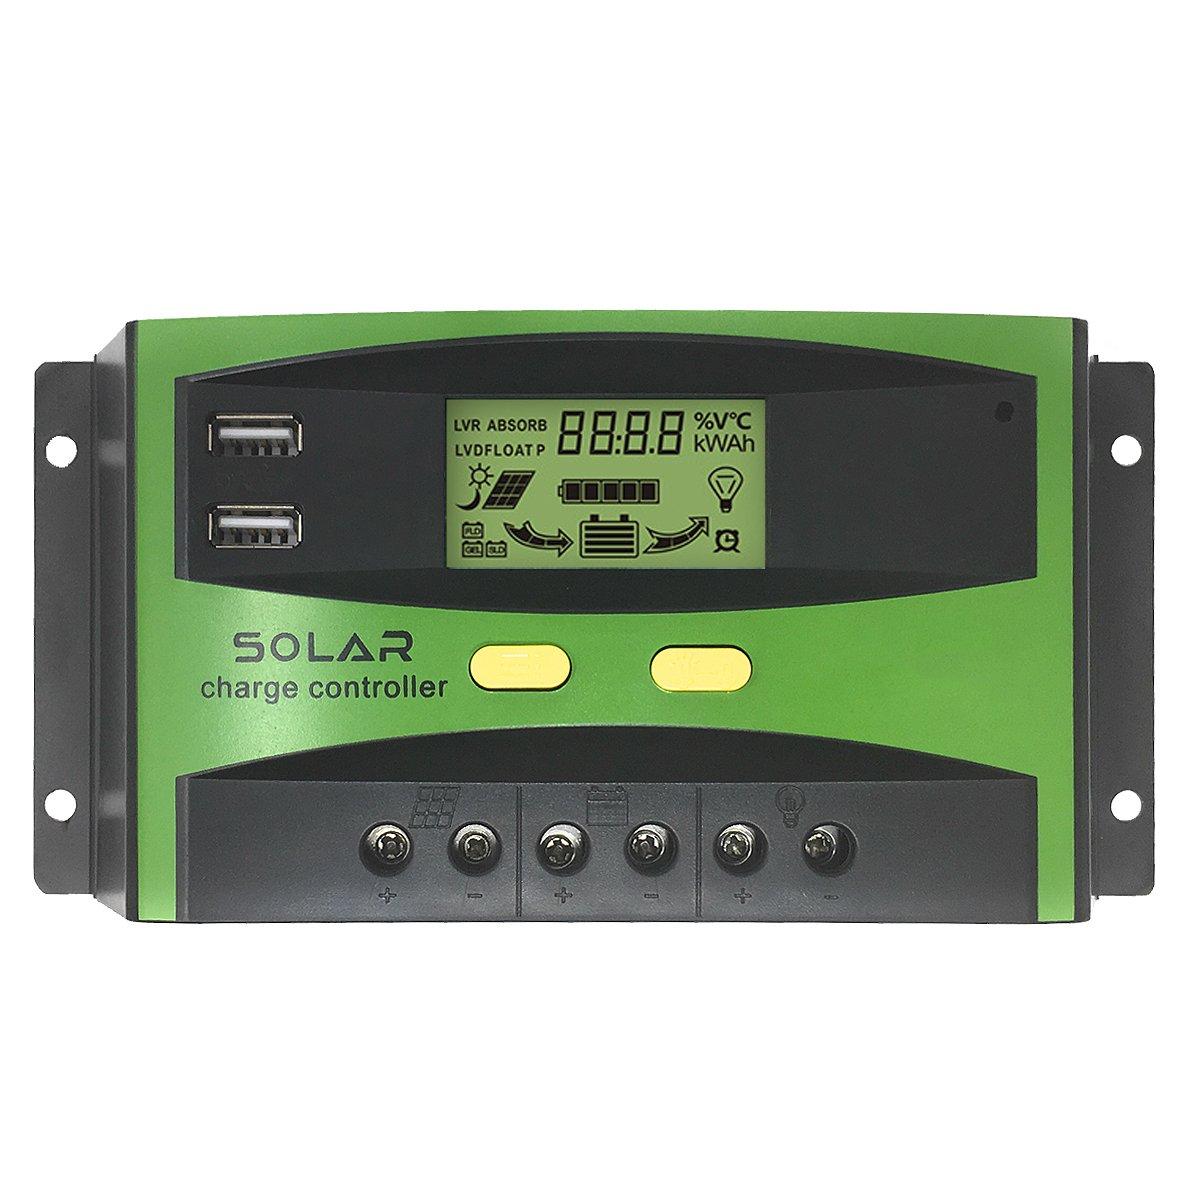 Huatuo 20A 12V impermeabile regolatore di pannello solare adattatore con doppia porta USB Display LCD protezione mutiple 24V regolatore di carica solare